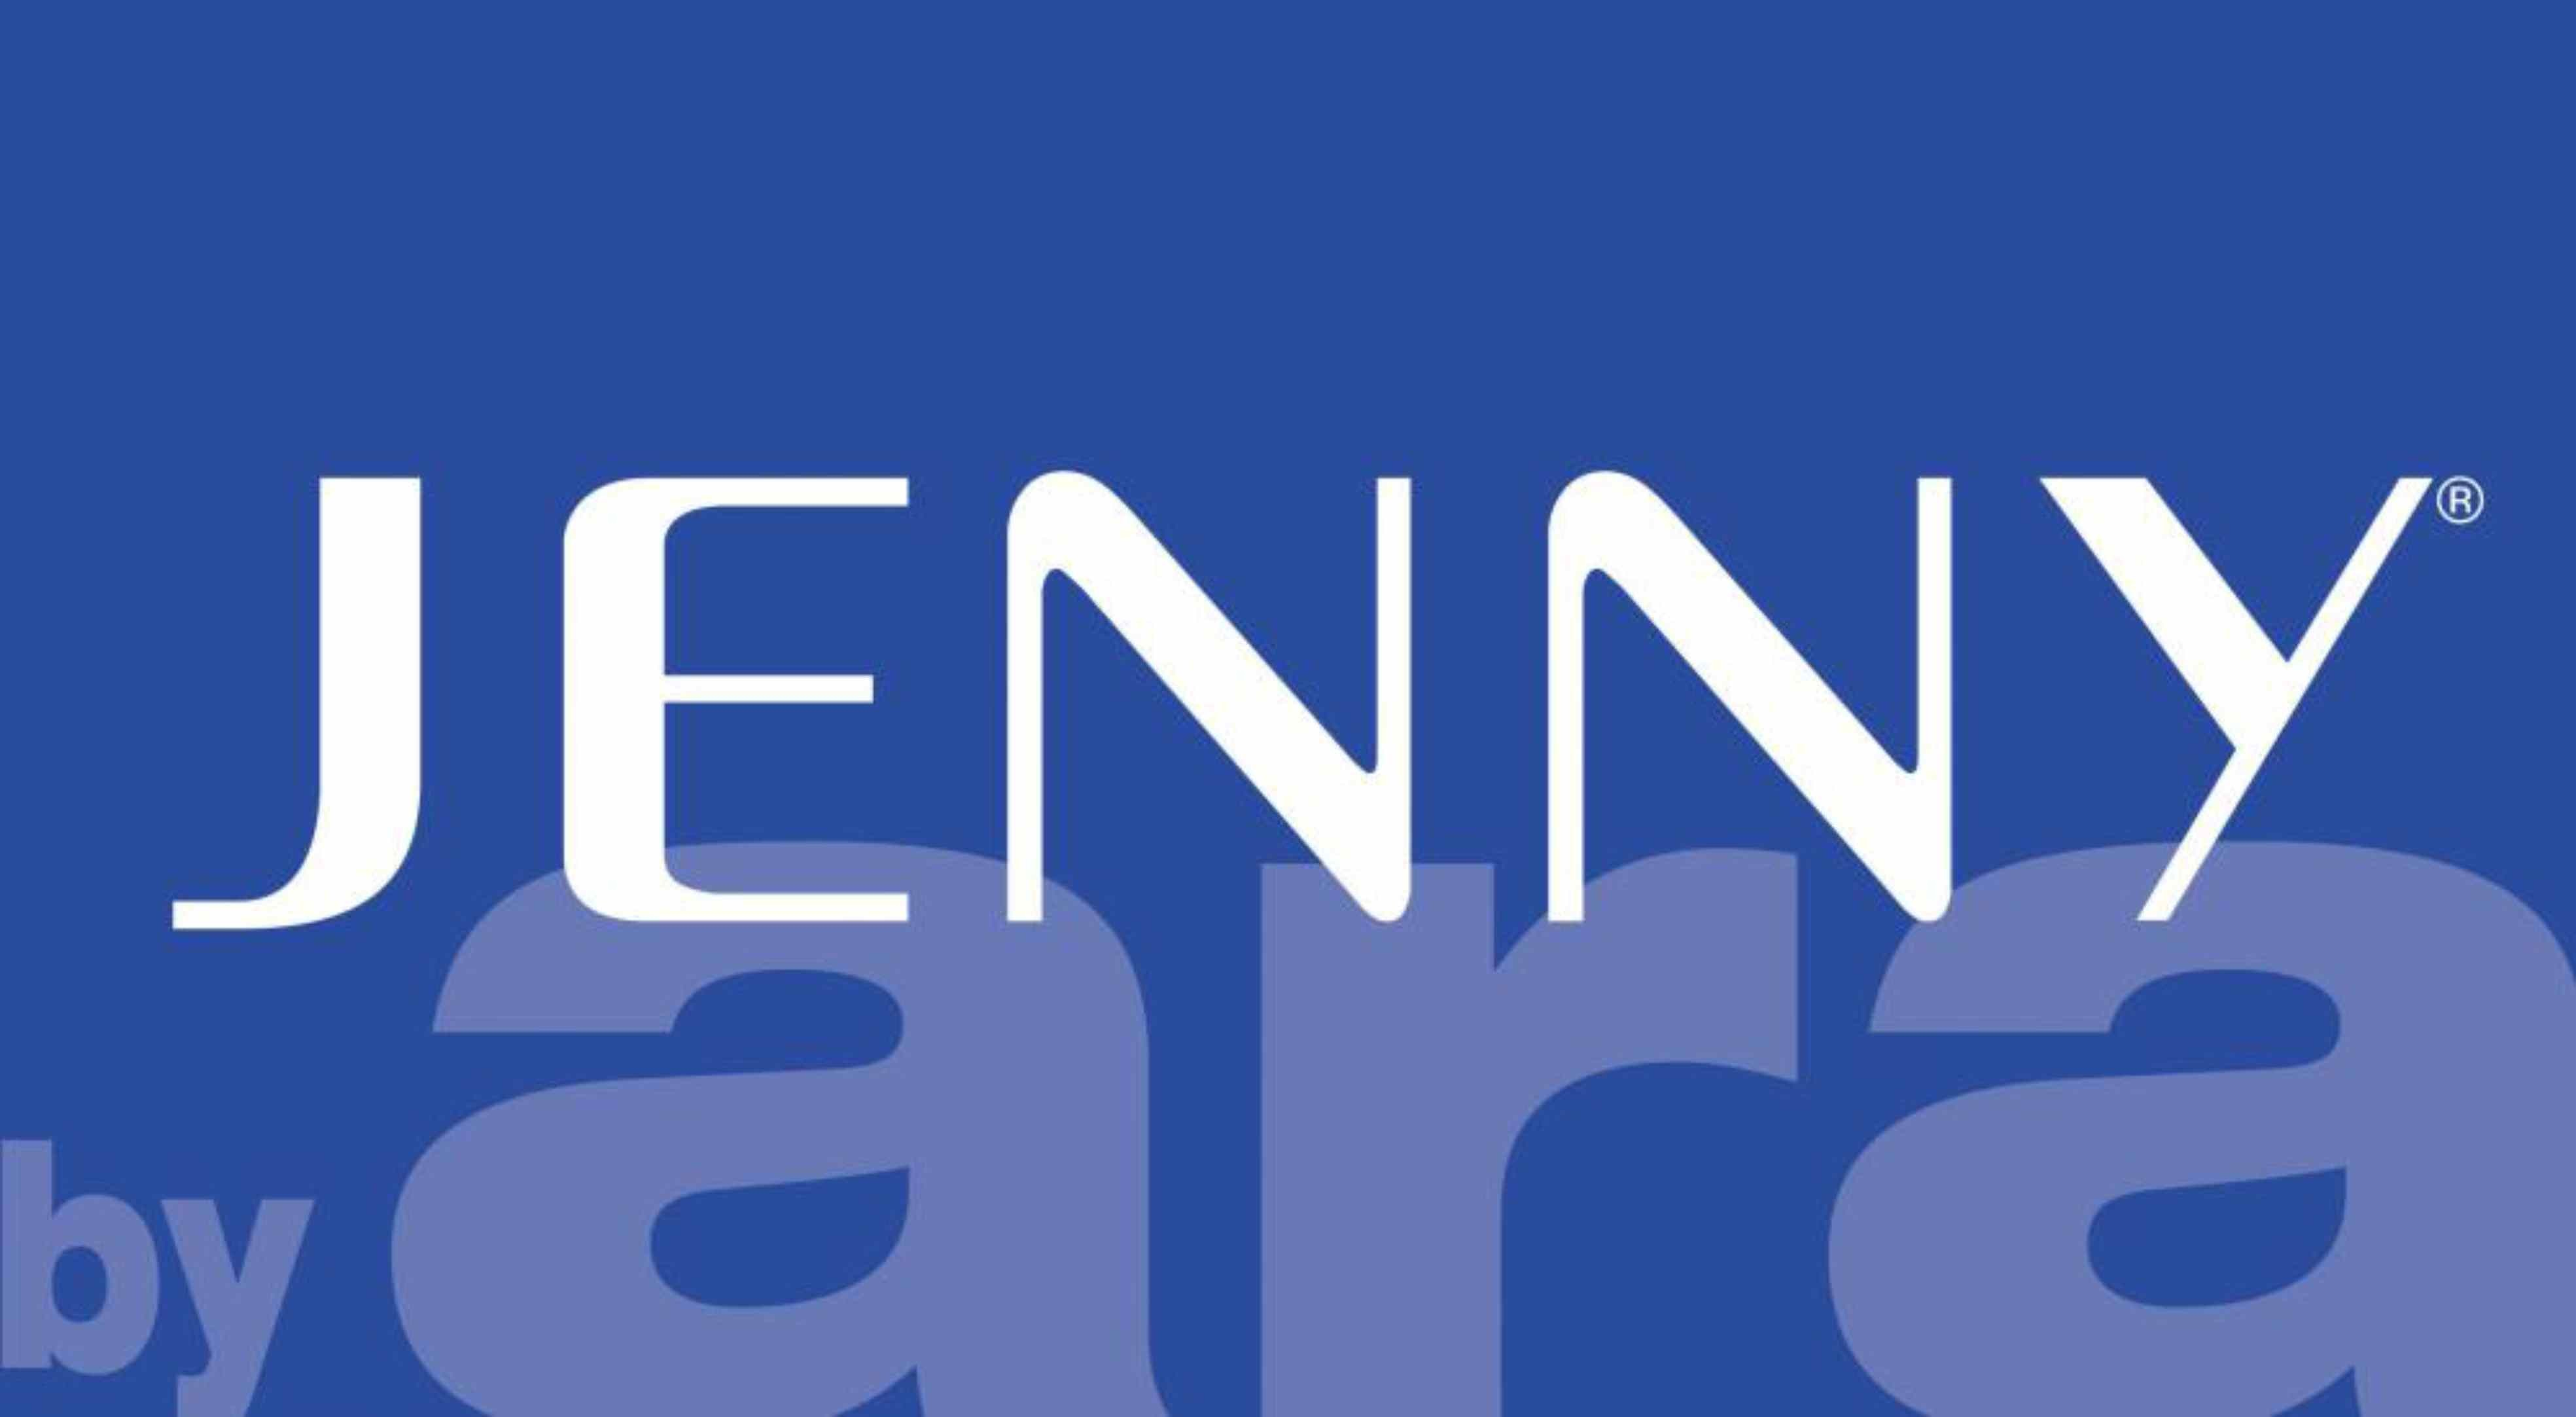 Jenny Ara